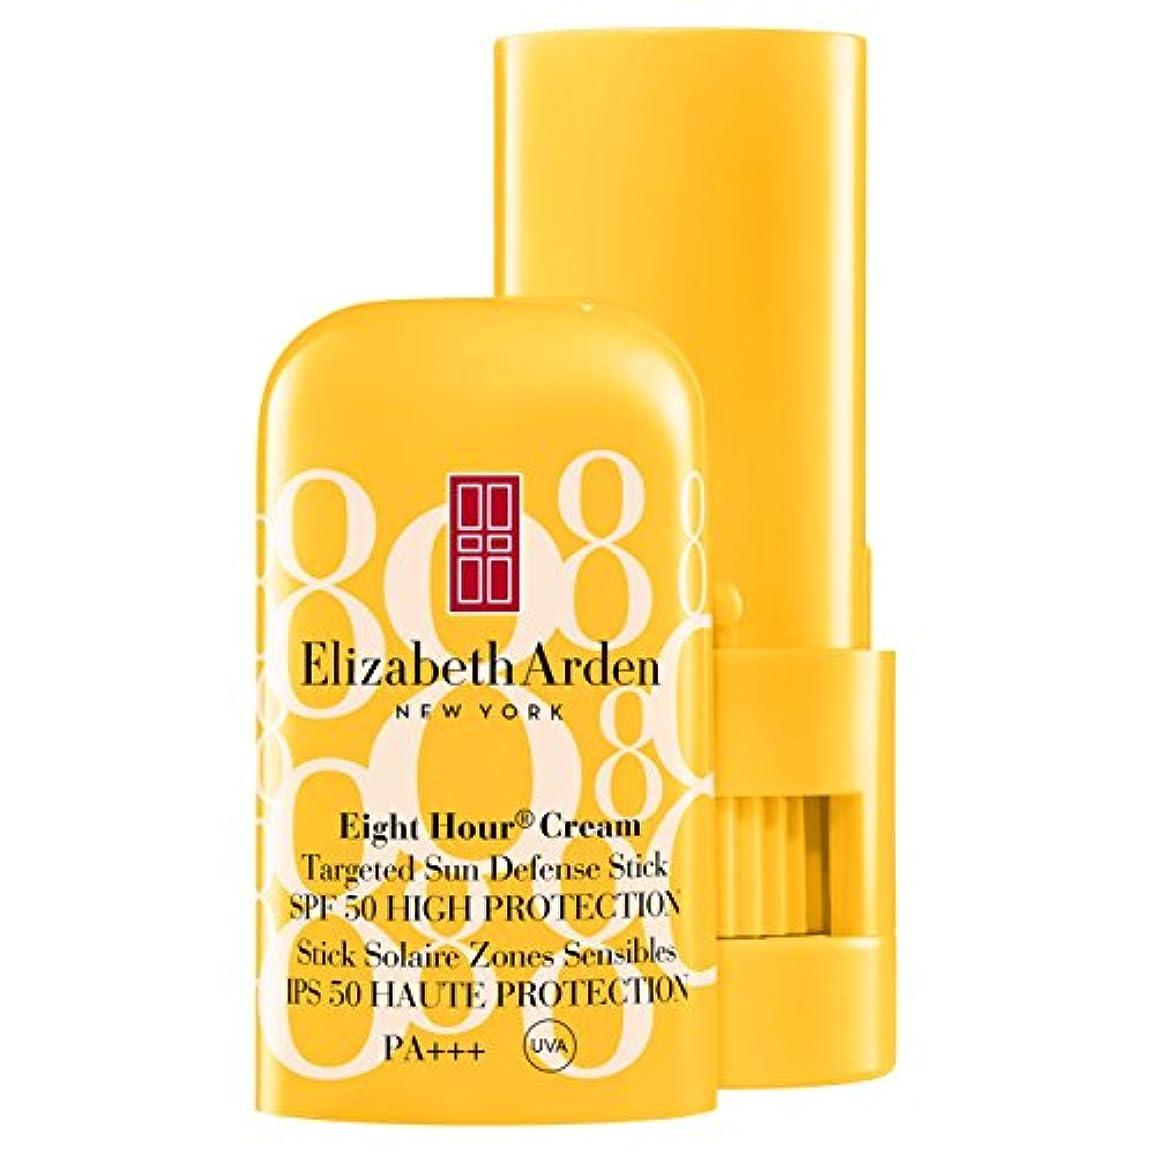 映画直接ニュージーランドElizabeth Arden Eight Hour? Cream Targeted Sun Defense Stick SPF50 High Protection 15ml (Pack of 6) - エリザベスアーデン...